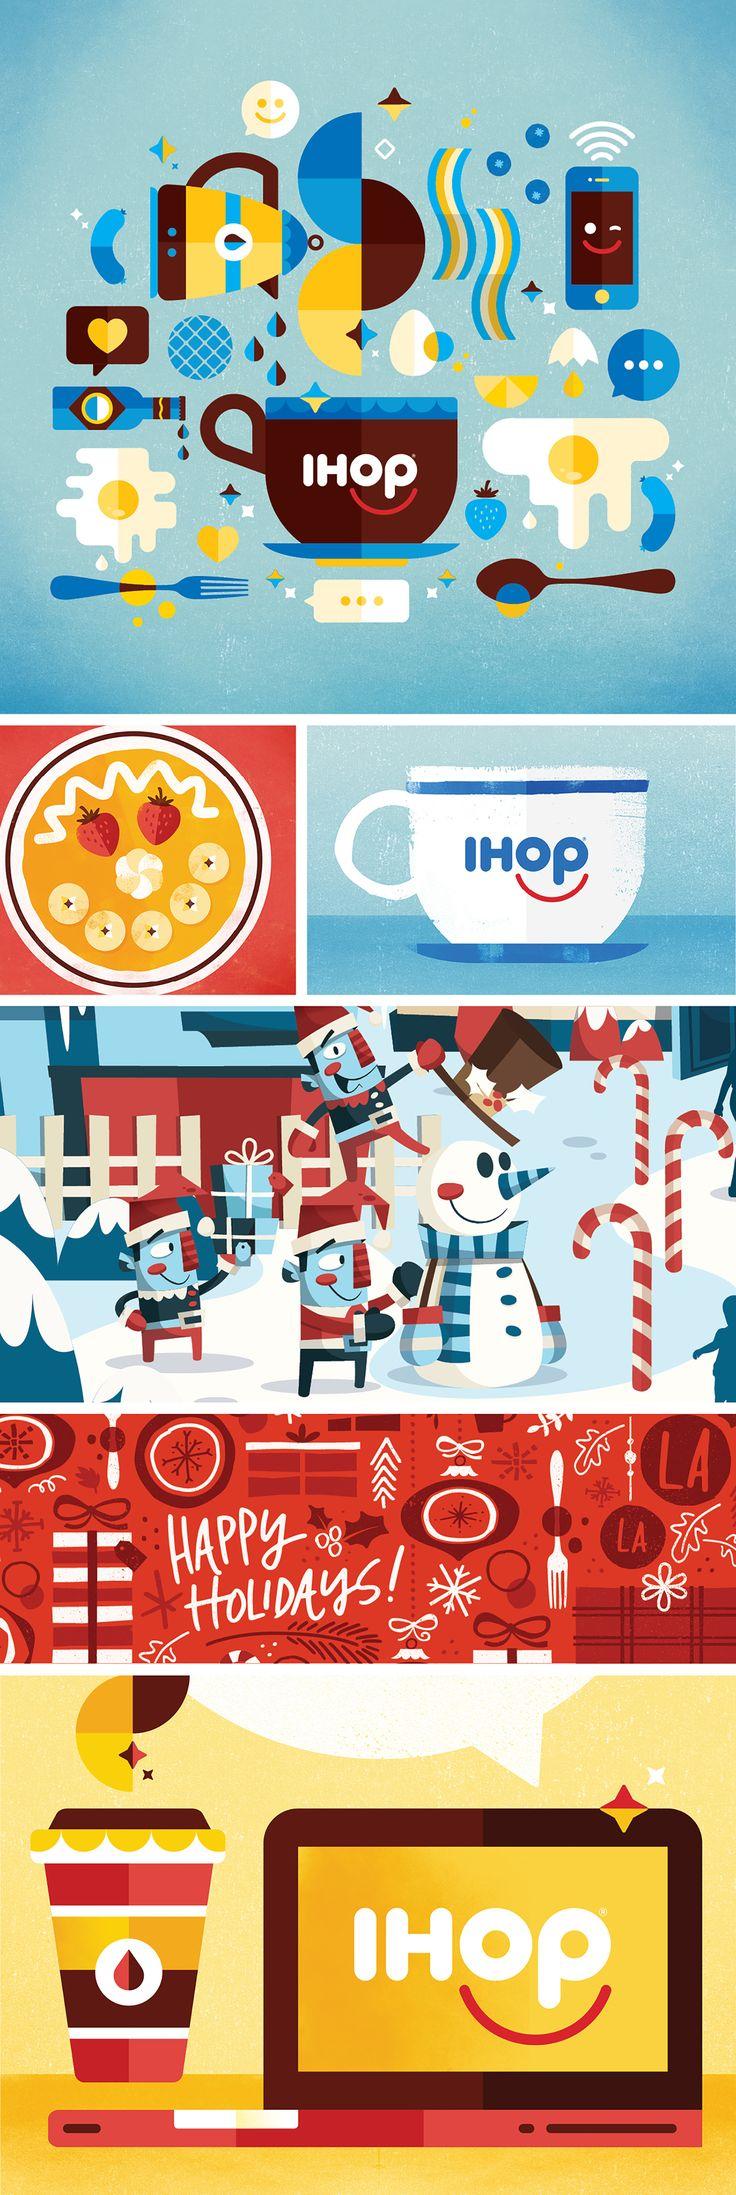 IHOP Brand Illustration on Behance